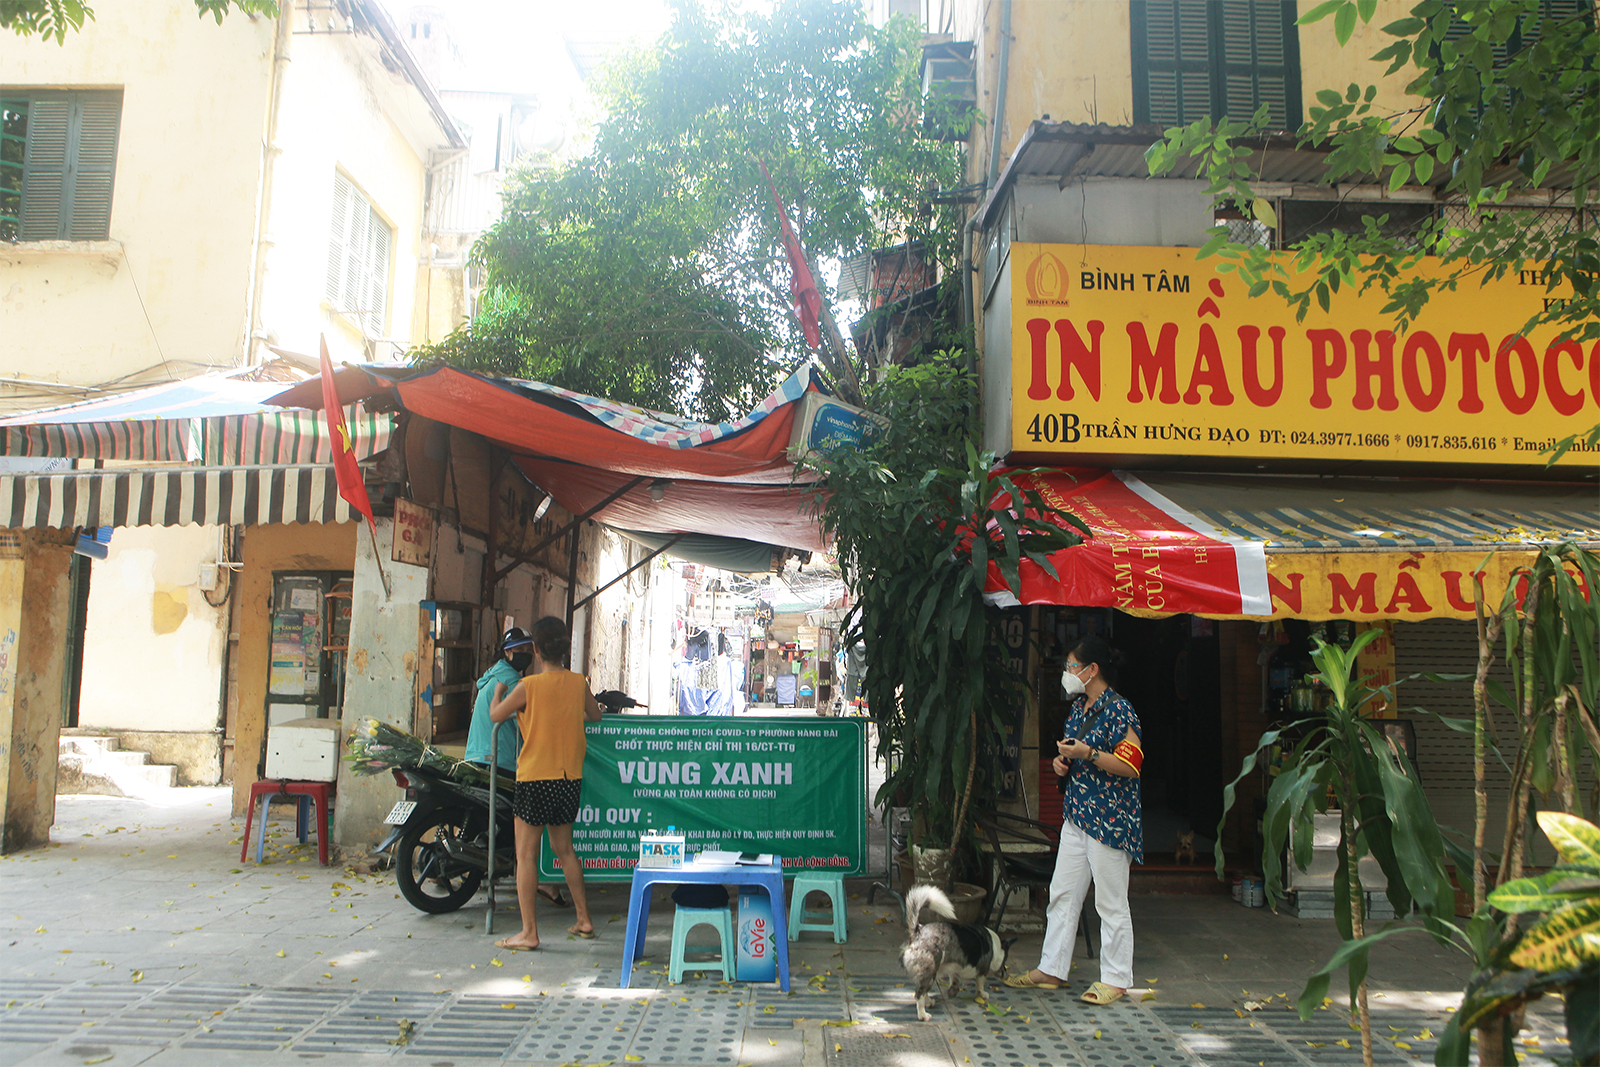 """Cận cảnh những chốt """"vùng xanh"""" do người dân tự quản ở Hà Nội - 8"""